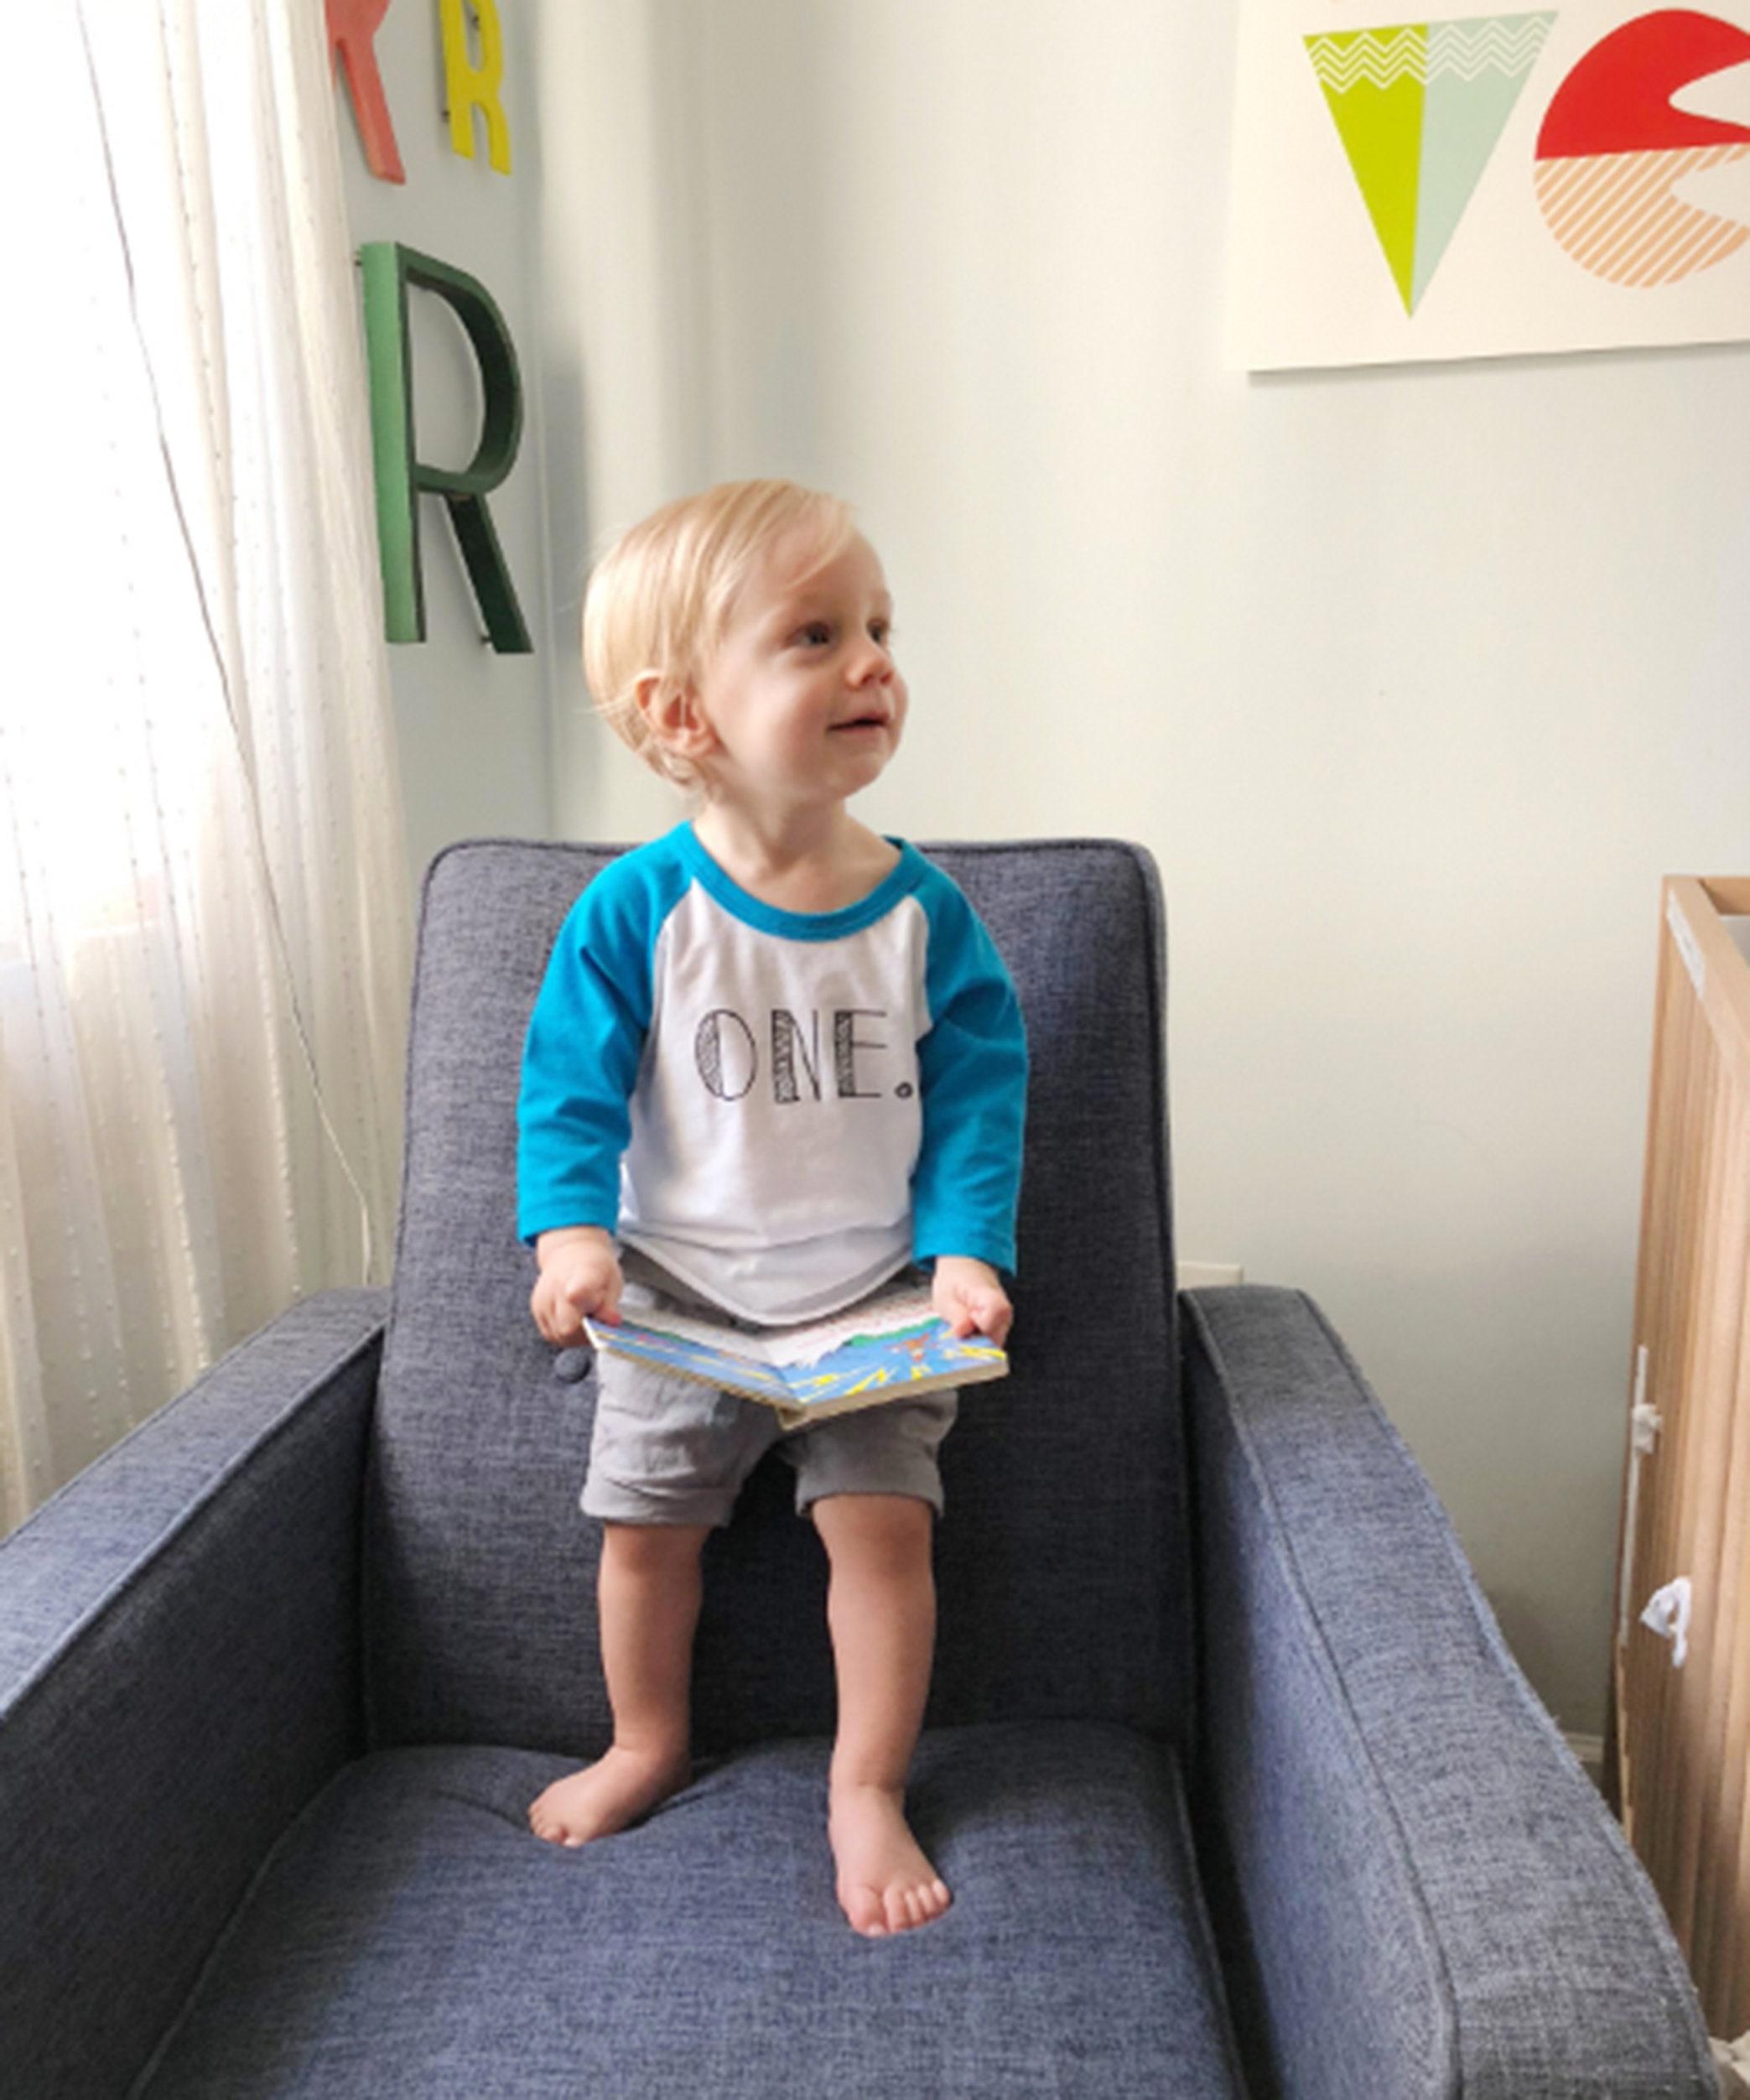 1 jahr alt junge m dchen shirt raglan shirt 1 geburtstag. Black Bedroom Furniture Sets. Home Design Ideas